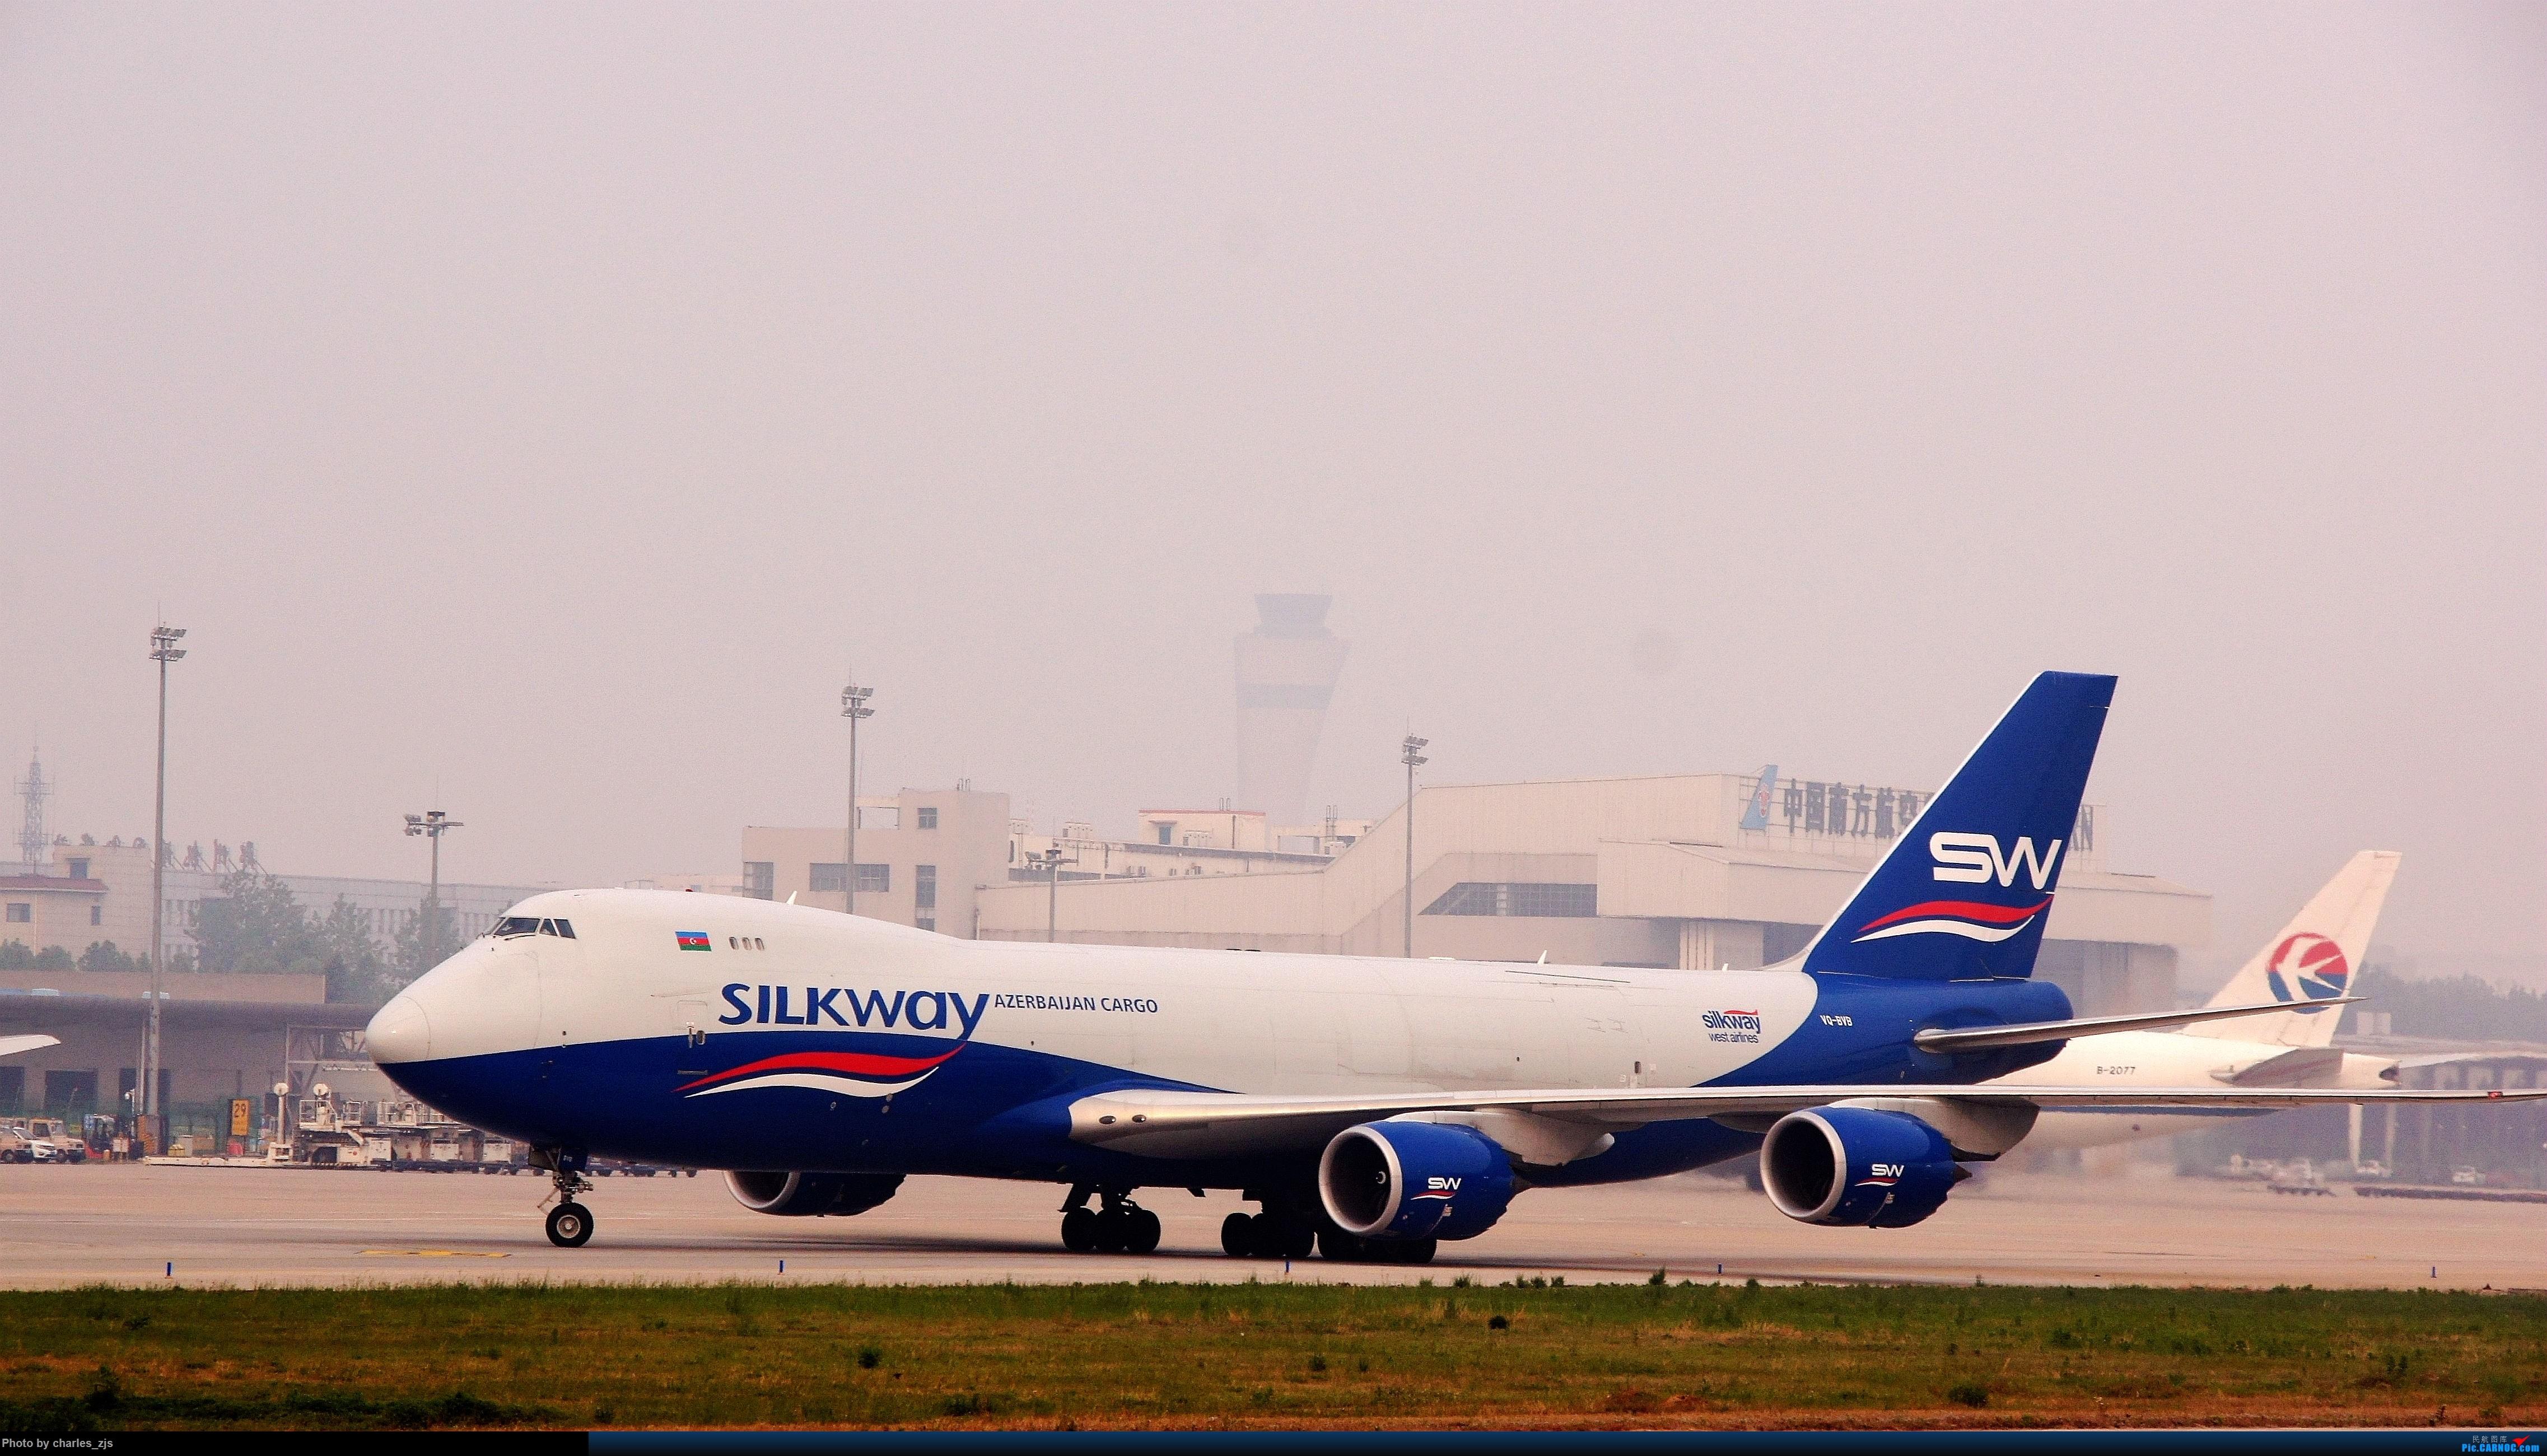 [供]郑州新郑国际机场拍机 BOEING 747-8F VQ-BVB 中国郑州新郑国际机场